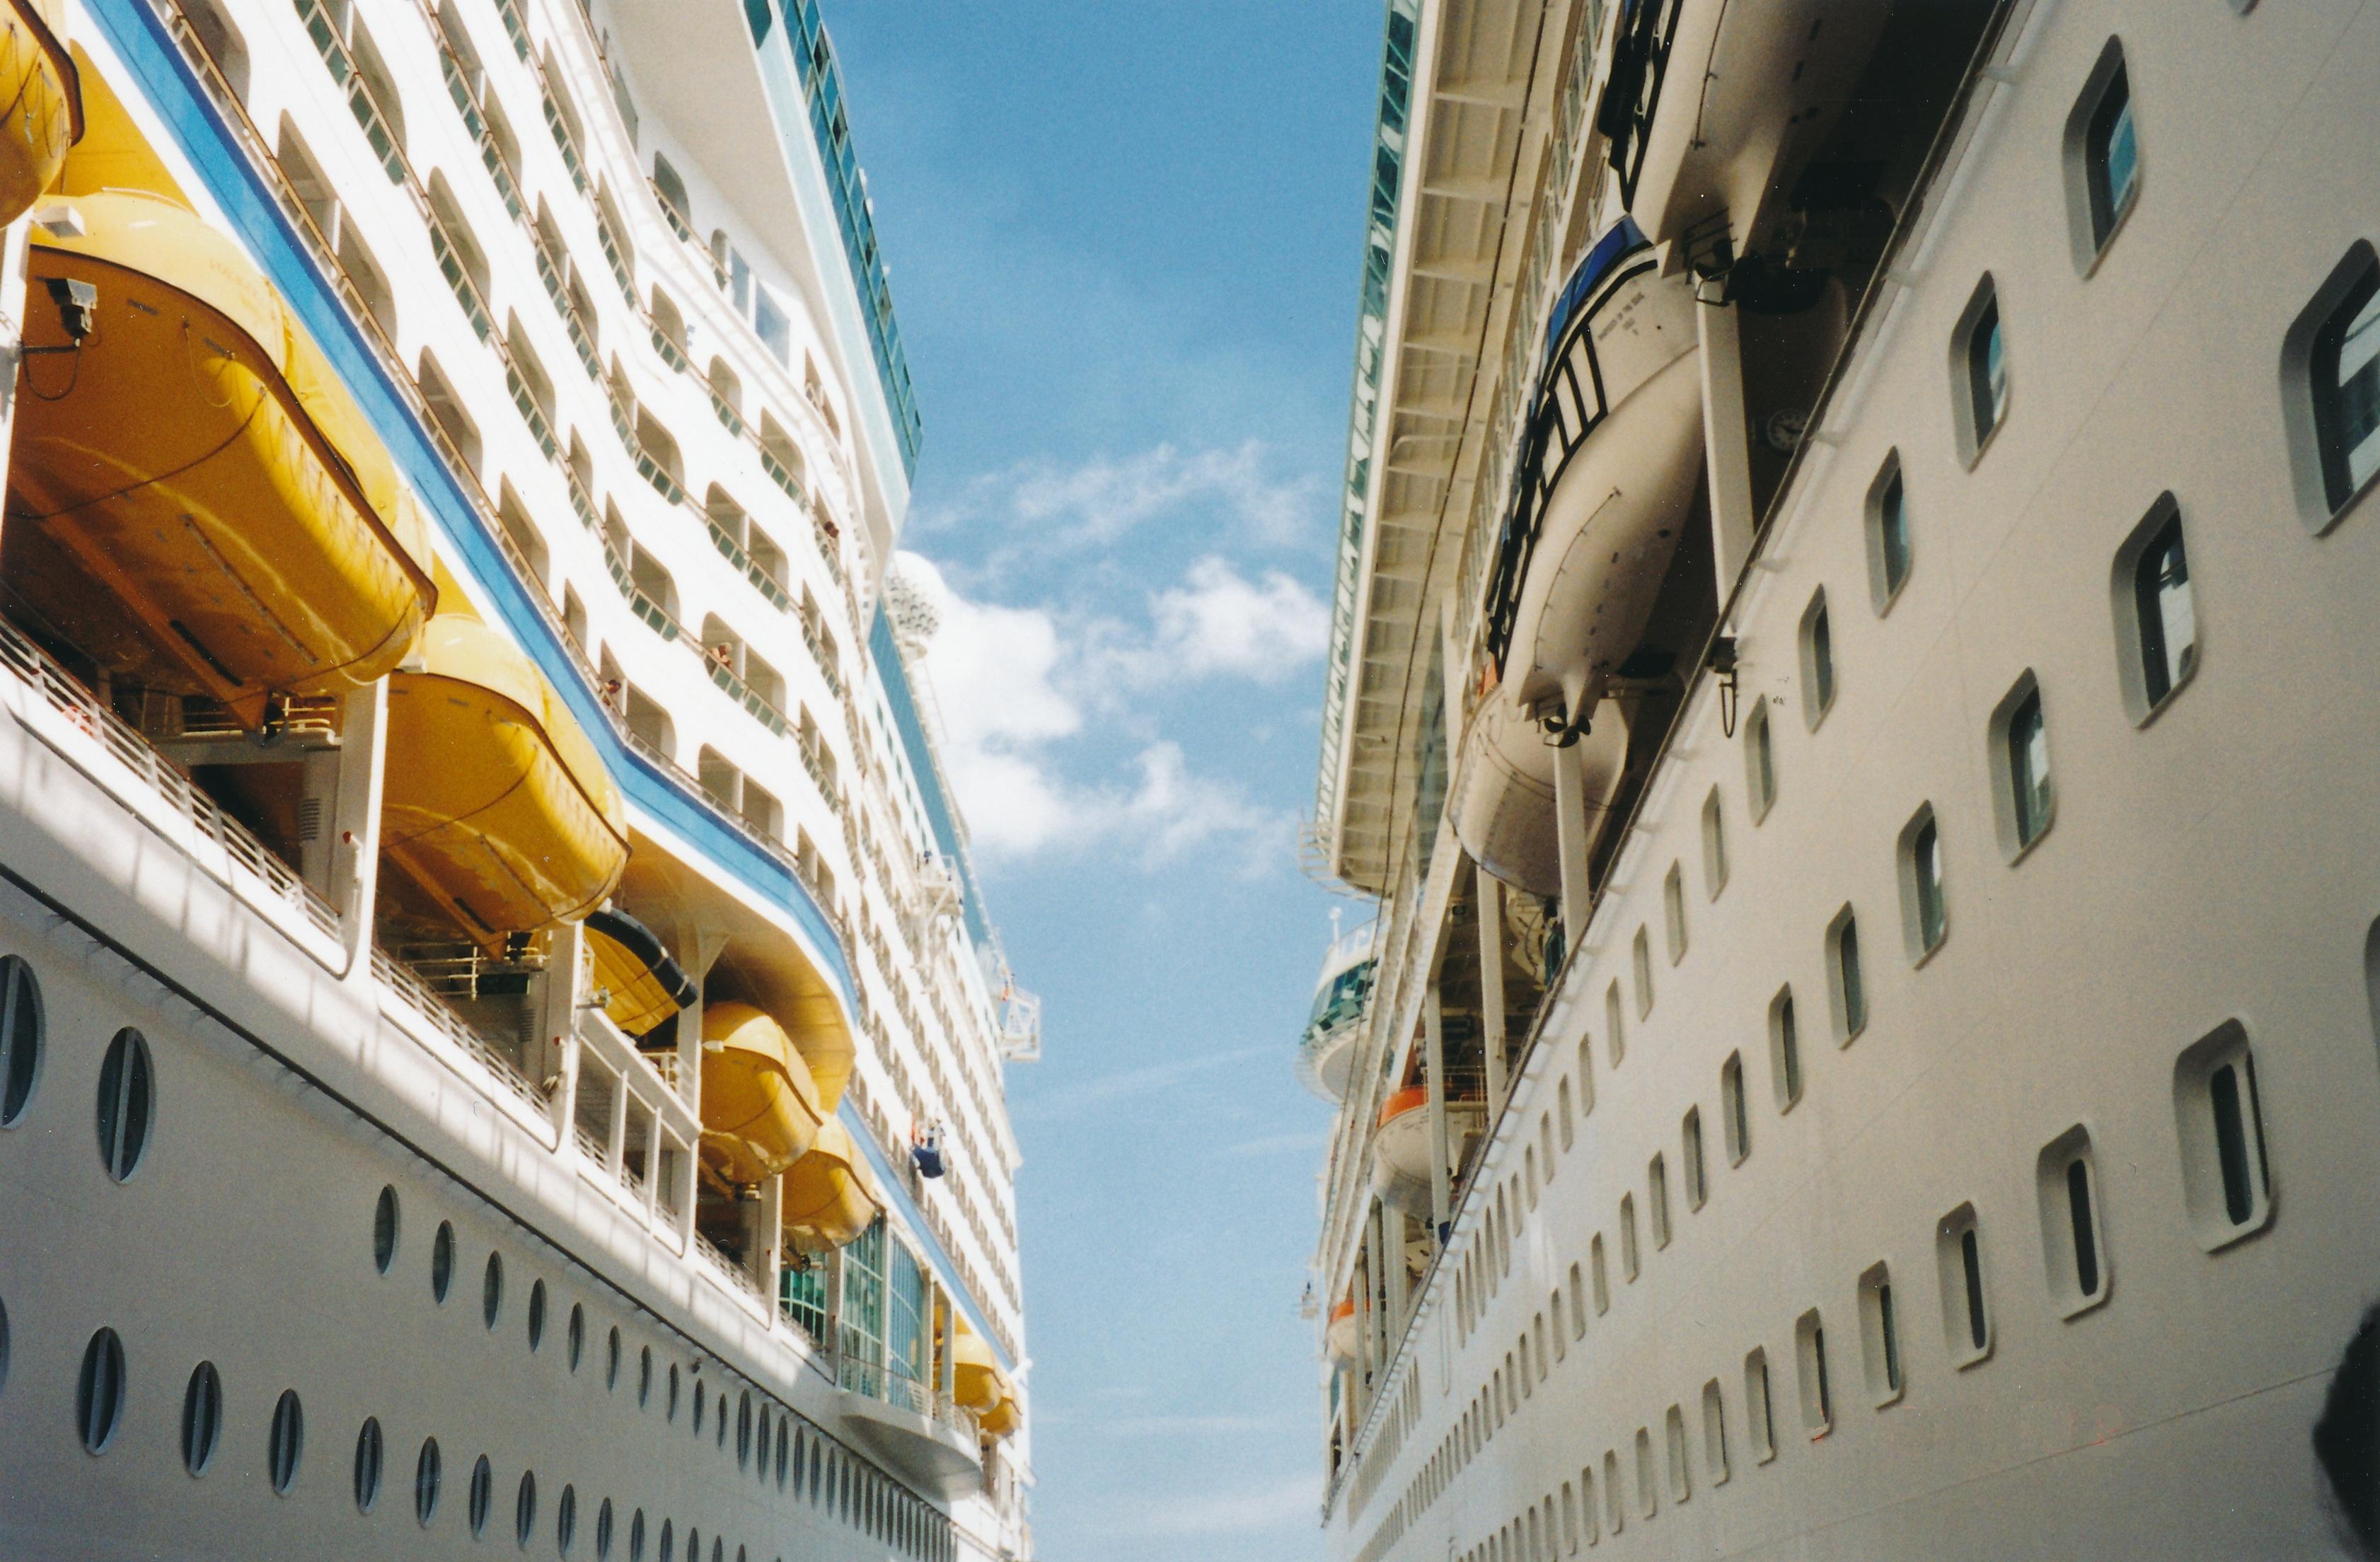 Cruise Ships, Boat, Cruise, Giant, Journey, HQ Photo